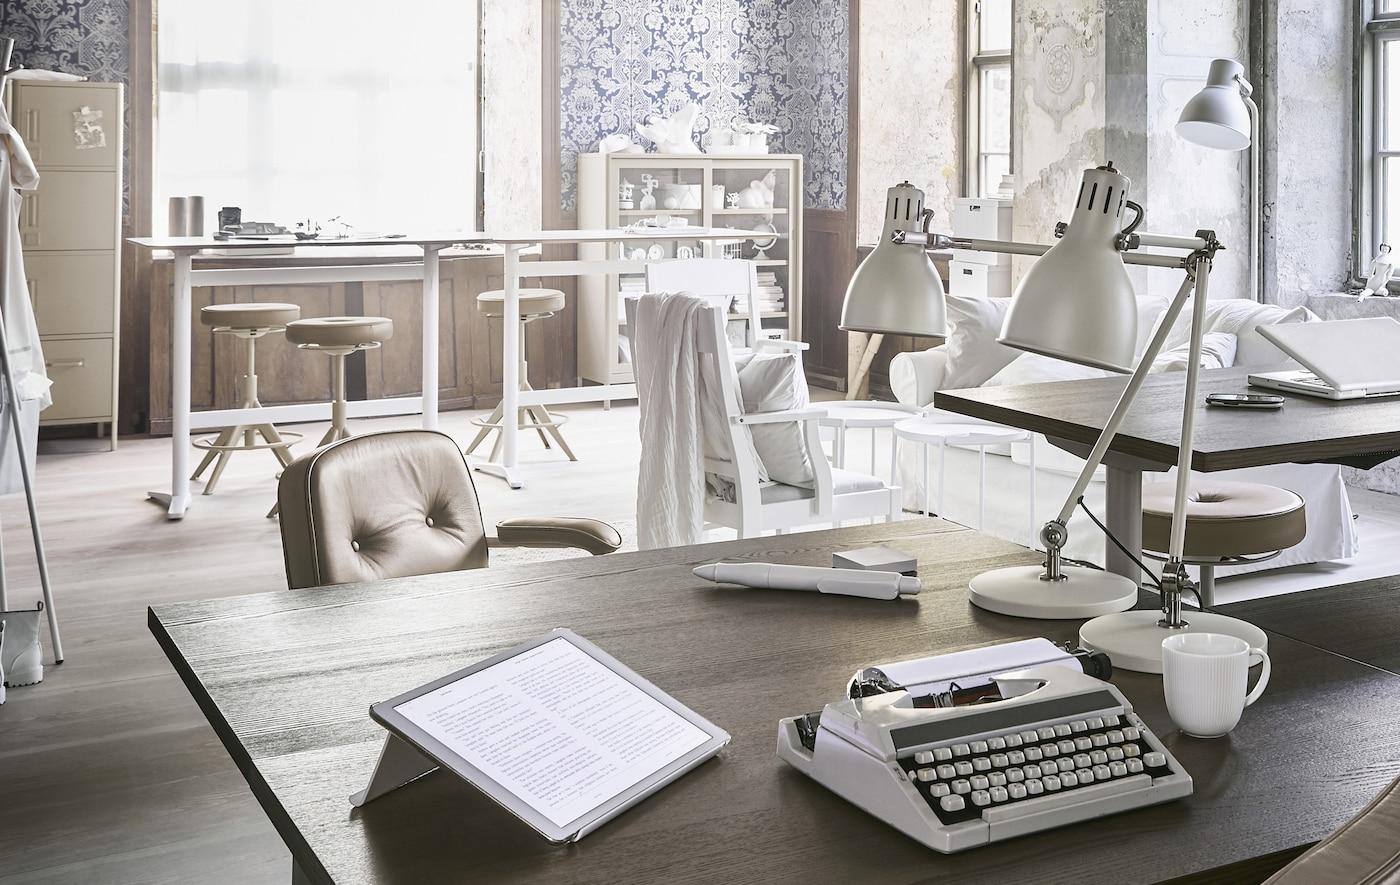 Un ufficio con una scrivania marrone, una macchina per scrivere, un tablet e due lampade da lavoro - IKEA